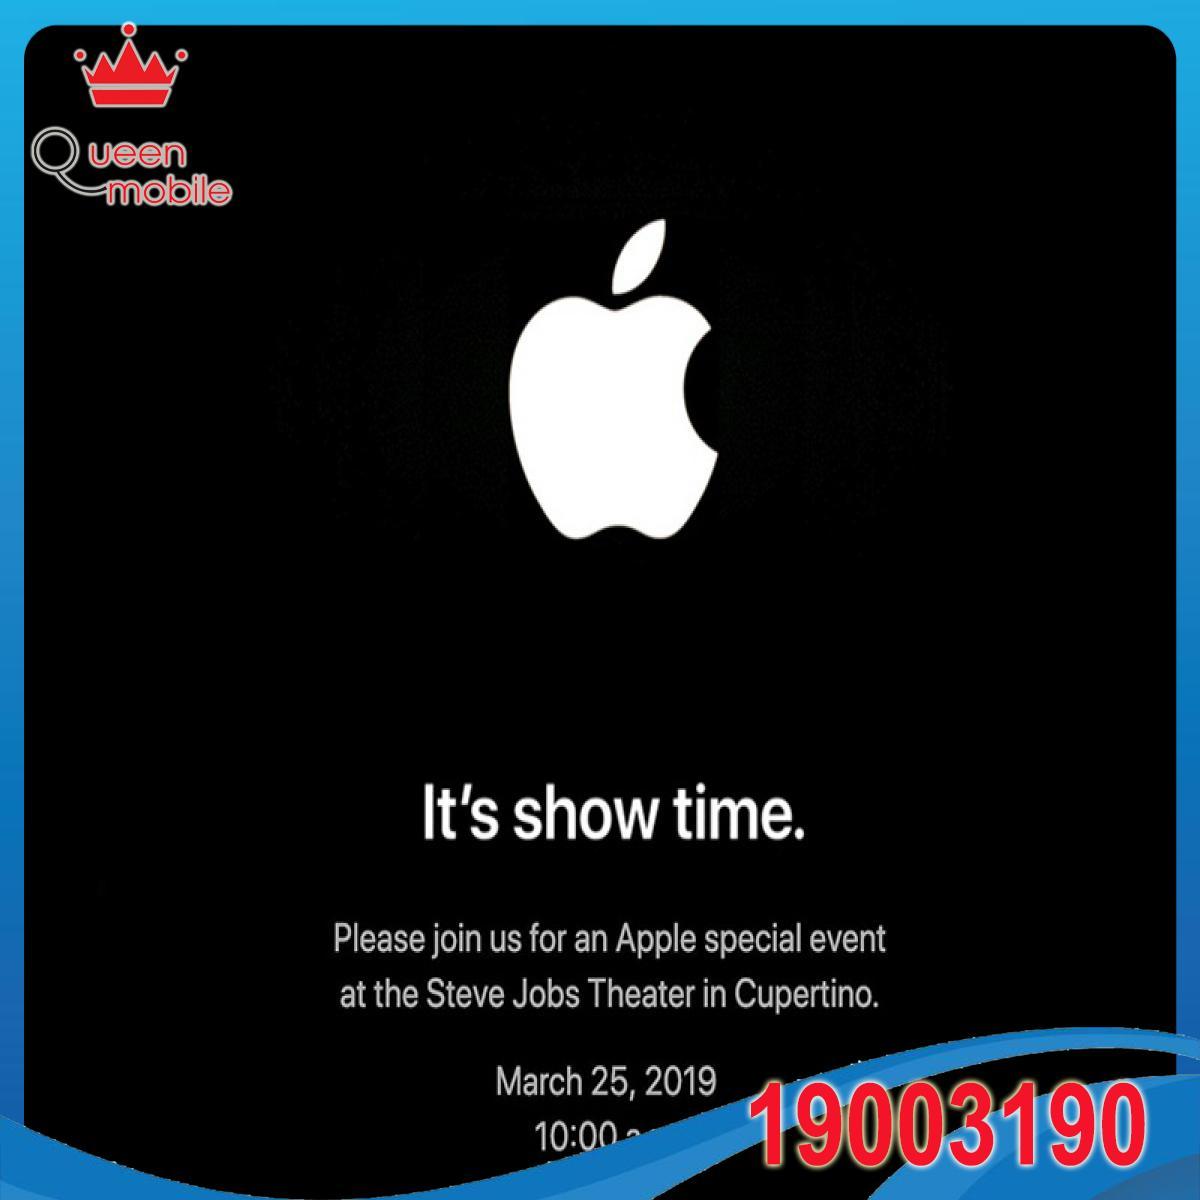 Apple gửi thư mời cho một sự kiện vào ngày 25/3, sẽ có dịch vụ mới